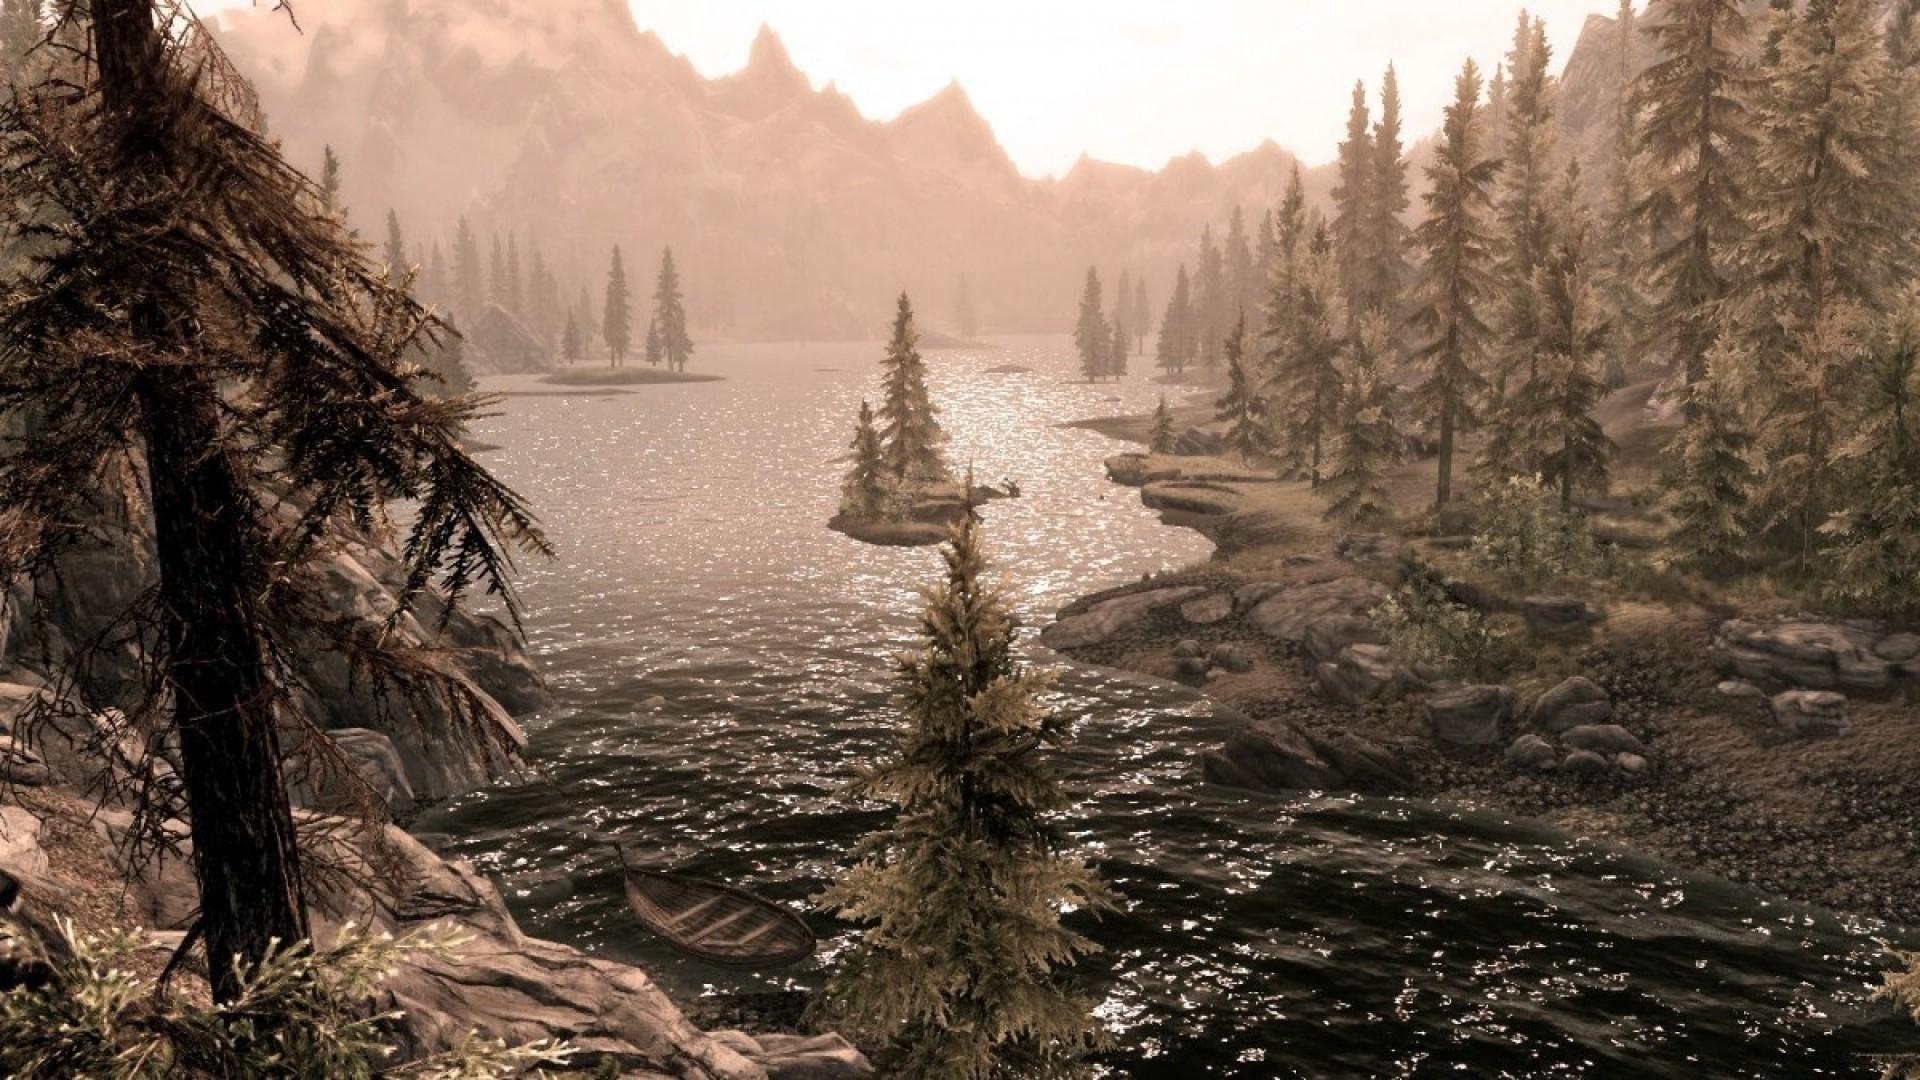 Медитация под компьютерную игру: музыка Джерими Соула из Skyrim